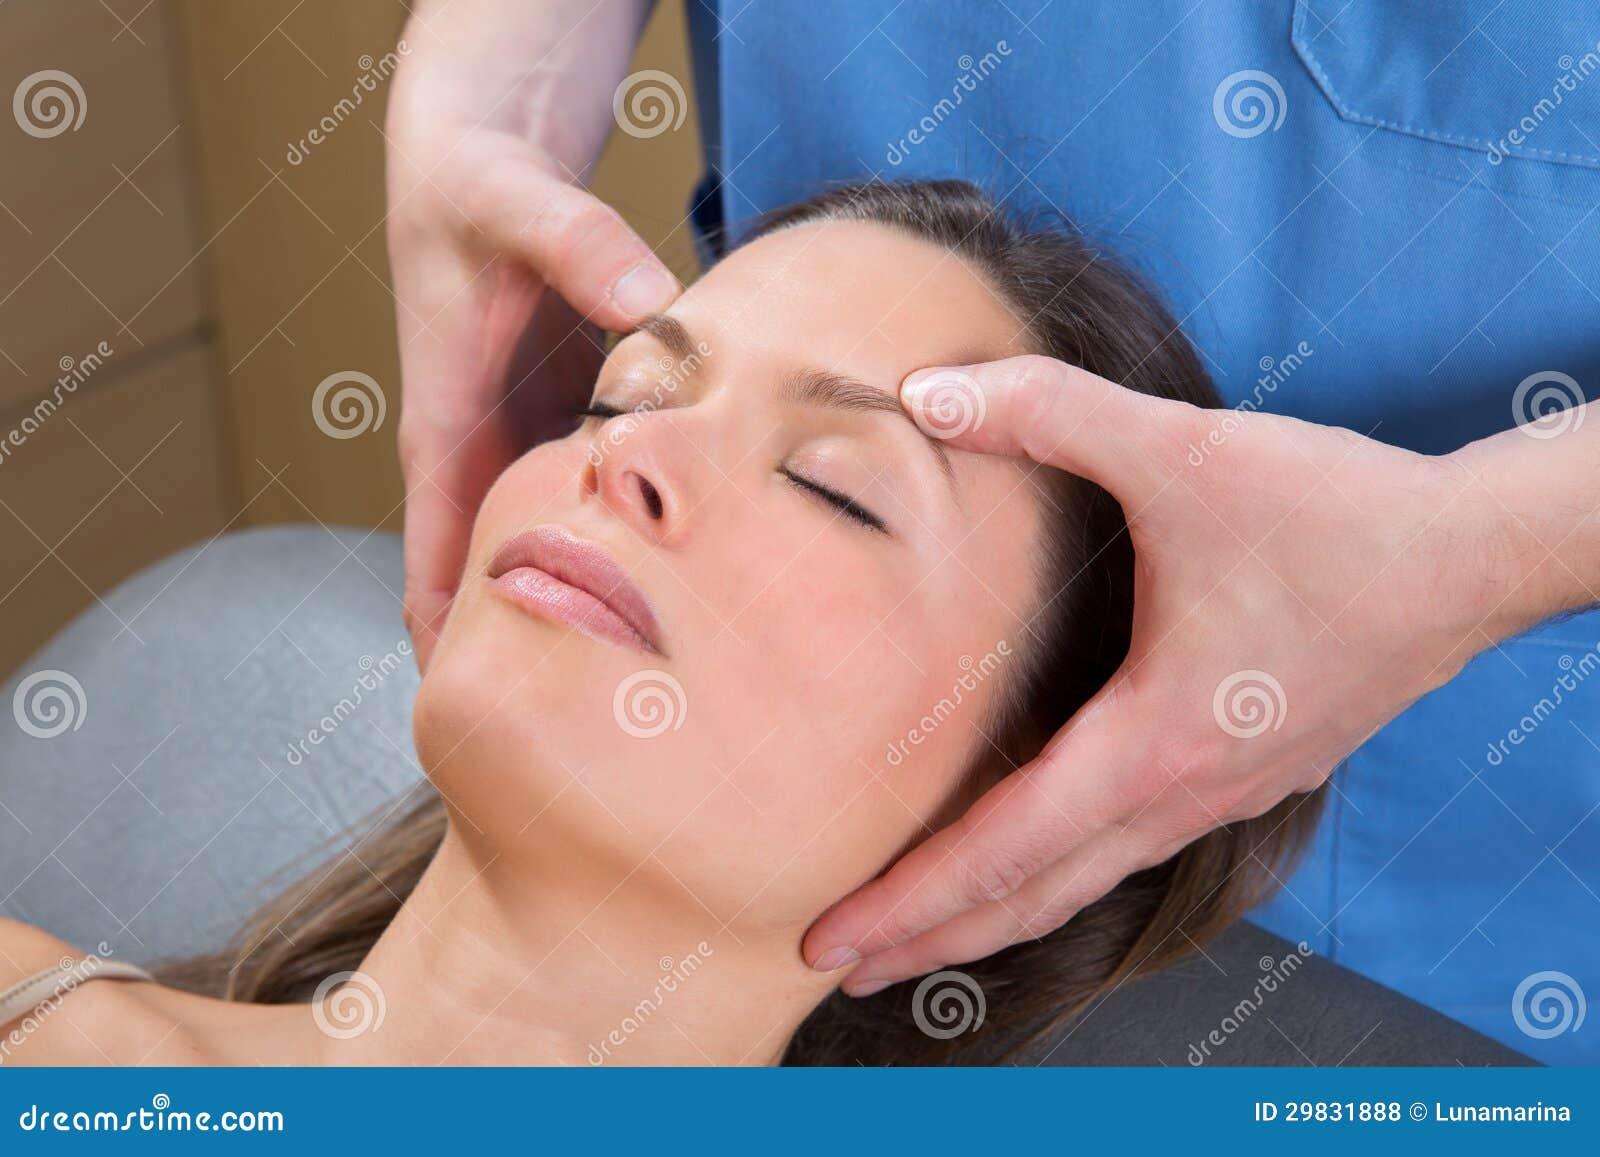 Theraphy de relaxamento da massagem facial na cara da mulher